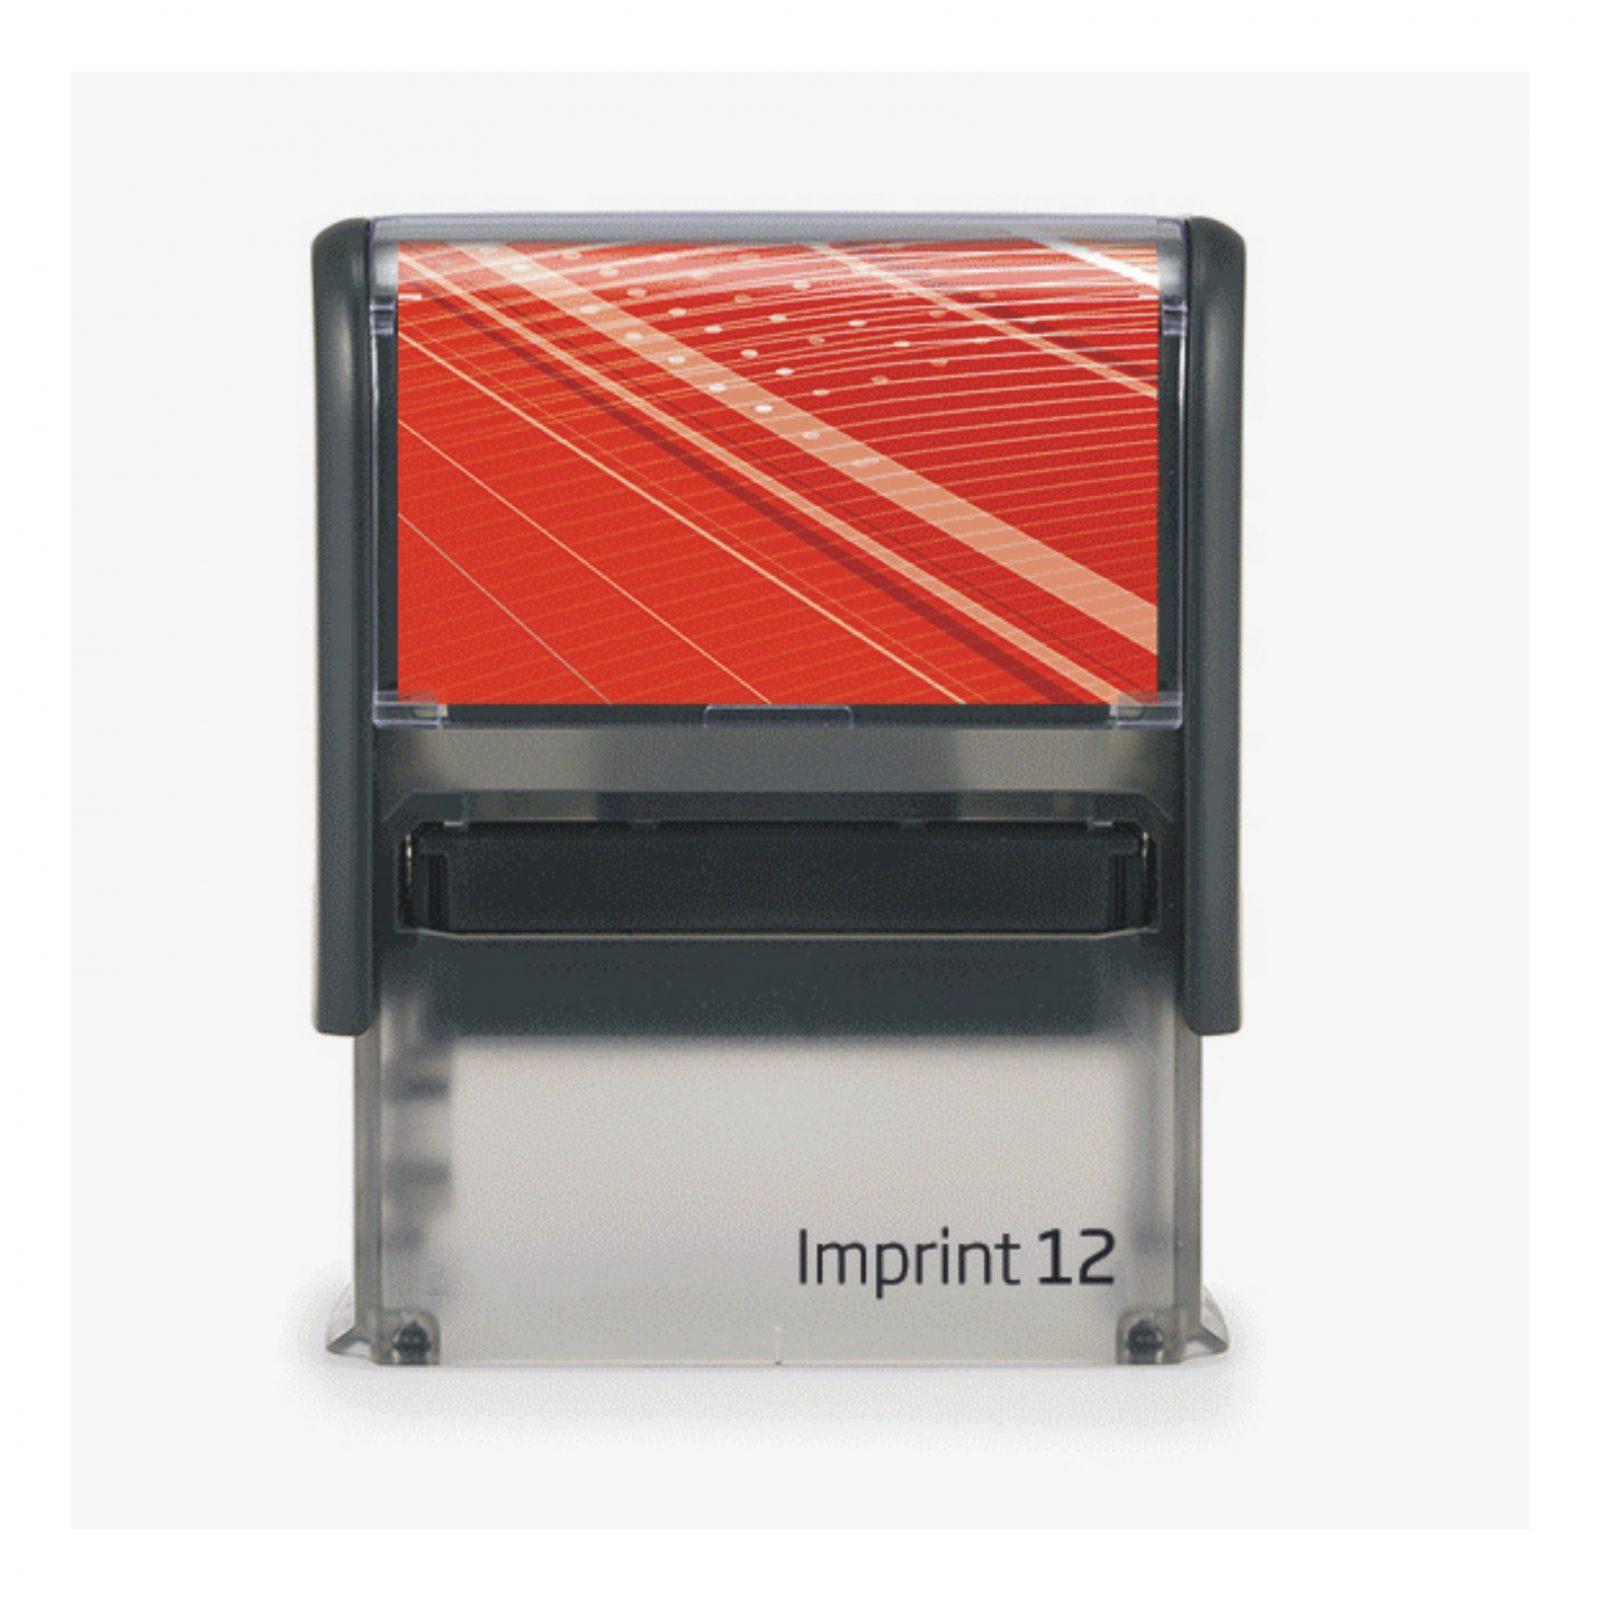 Штамп   на оснастке  Imprint 12